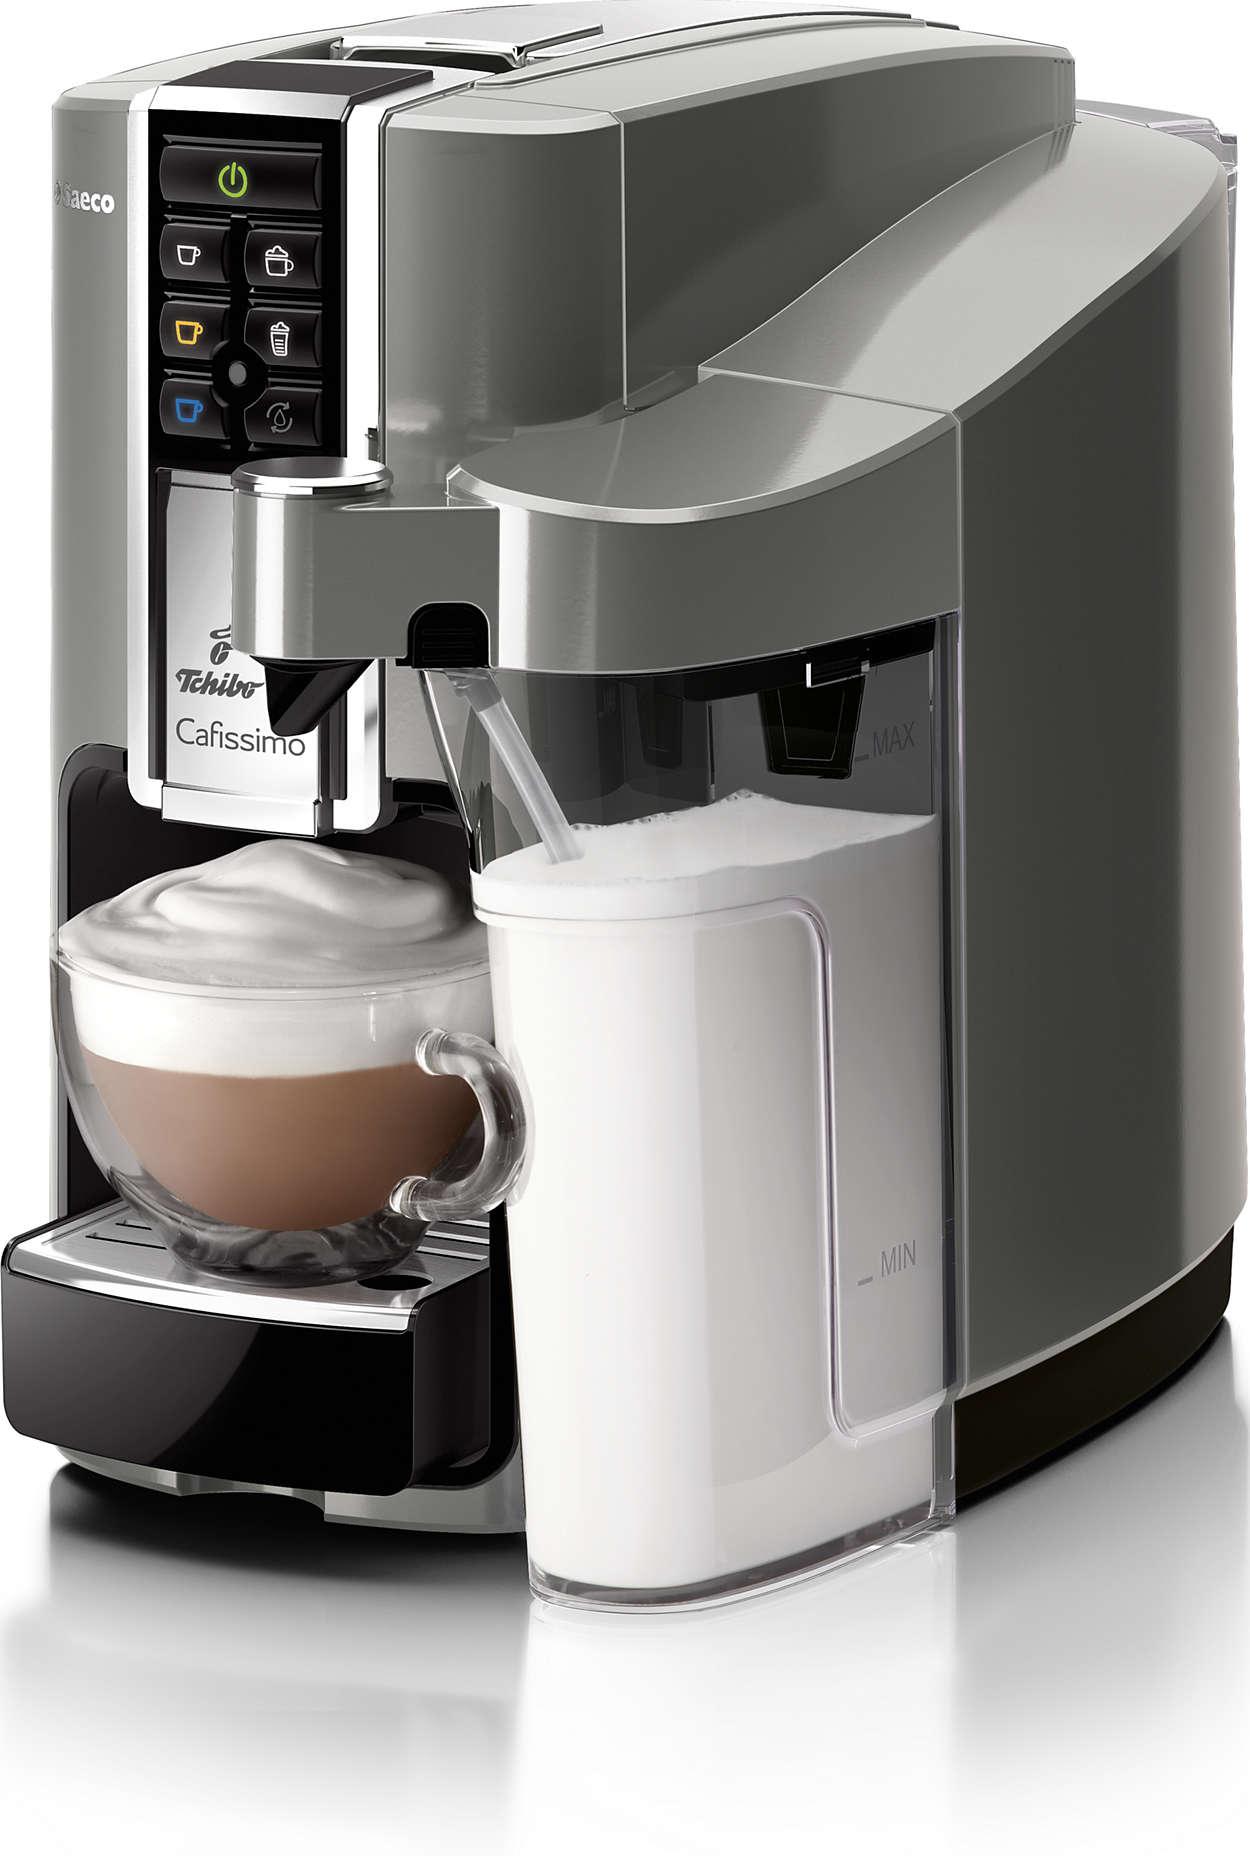 Plne automatické kapsulové kávovary